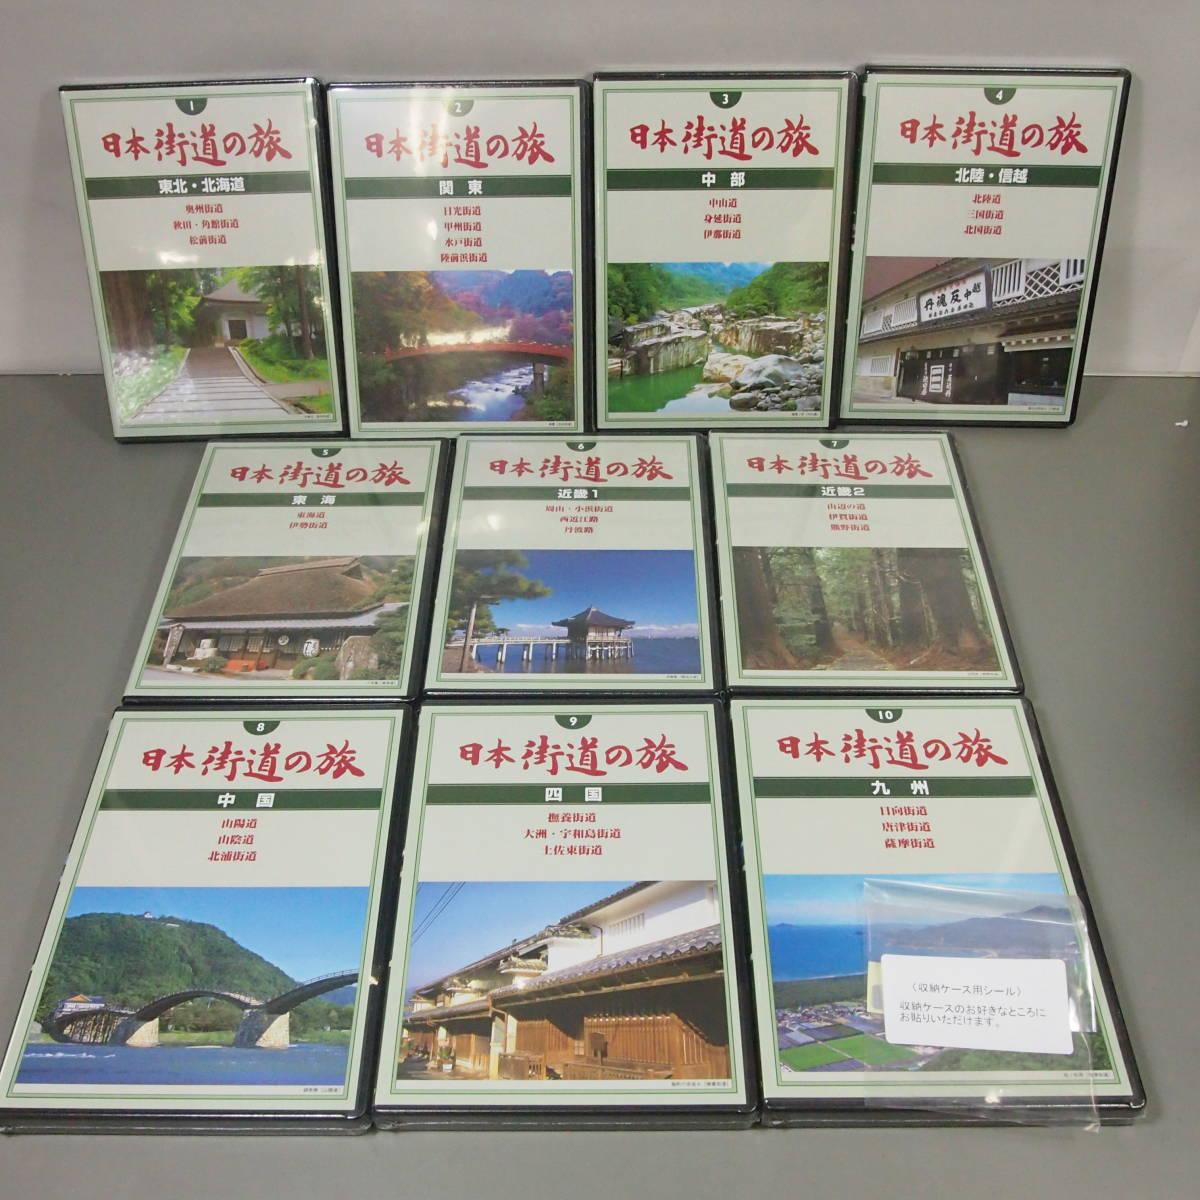 ユーキャン 日本 街道の旅 DVD 10巻セット 木製ケース付き 未開封品_画像3